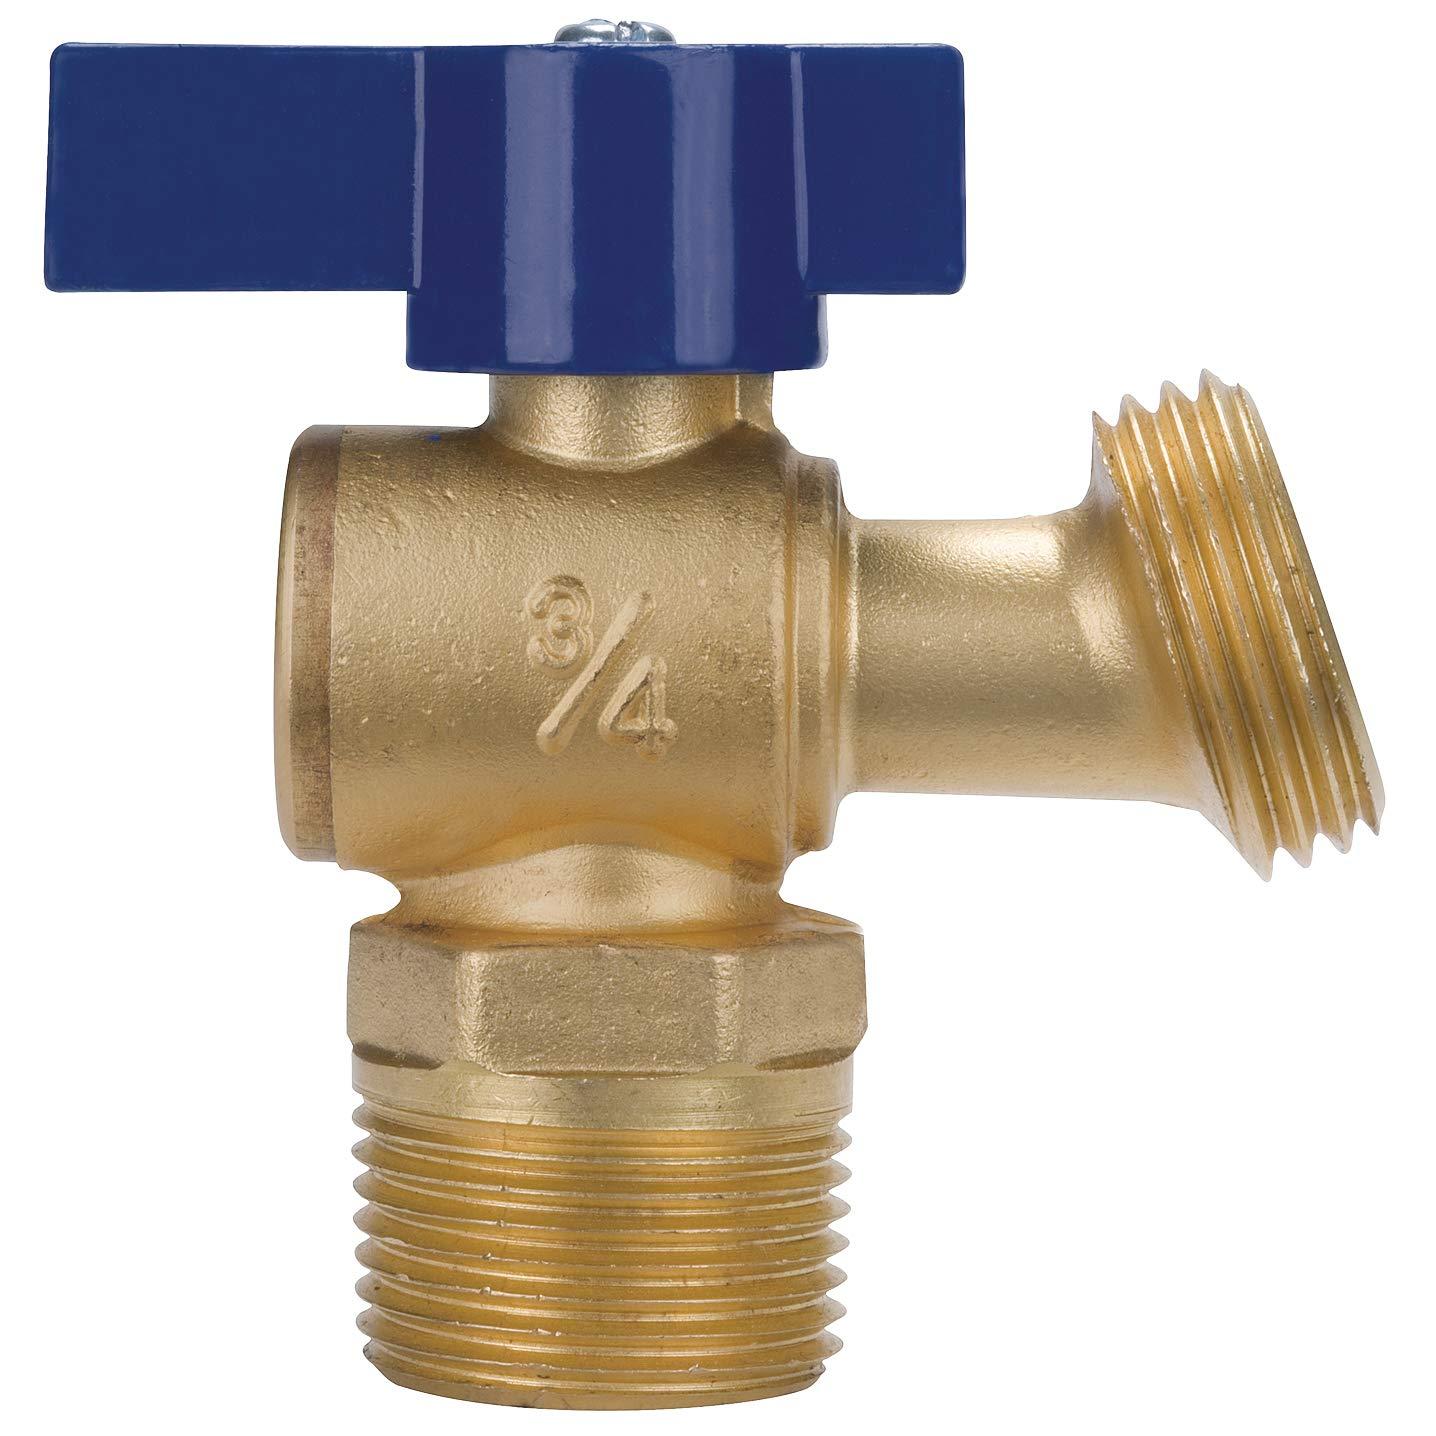 QT74 X 3//4 Quarter Turn Boiler Drain-Male